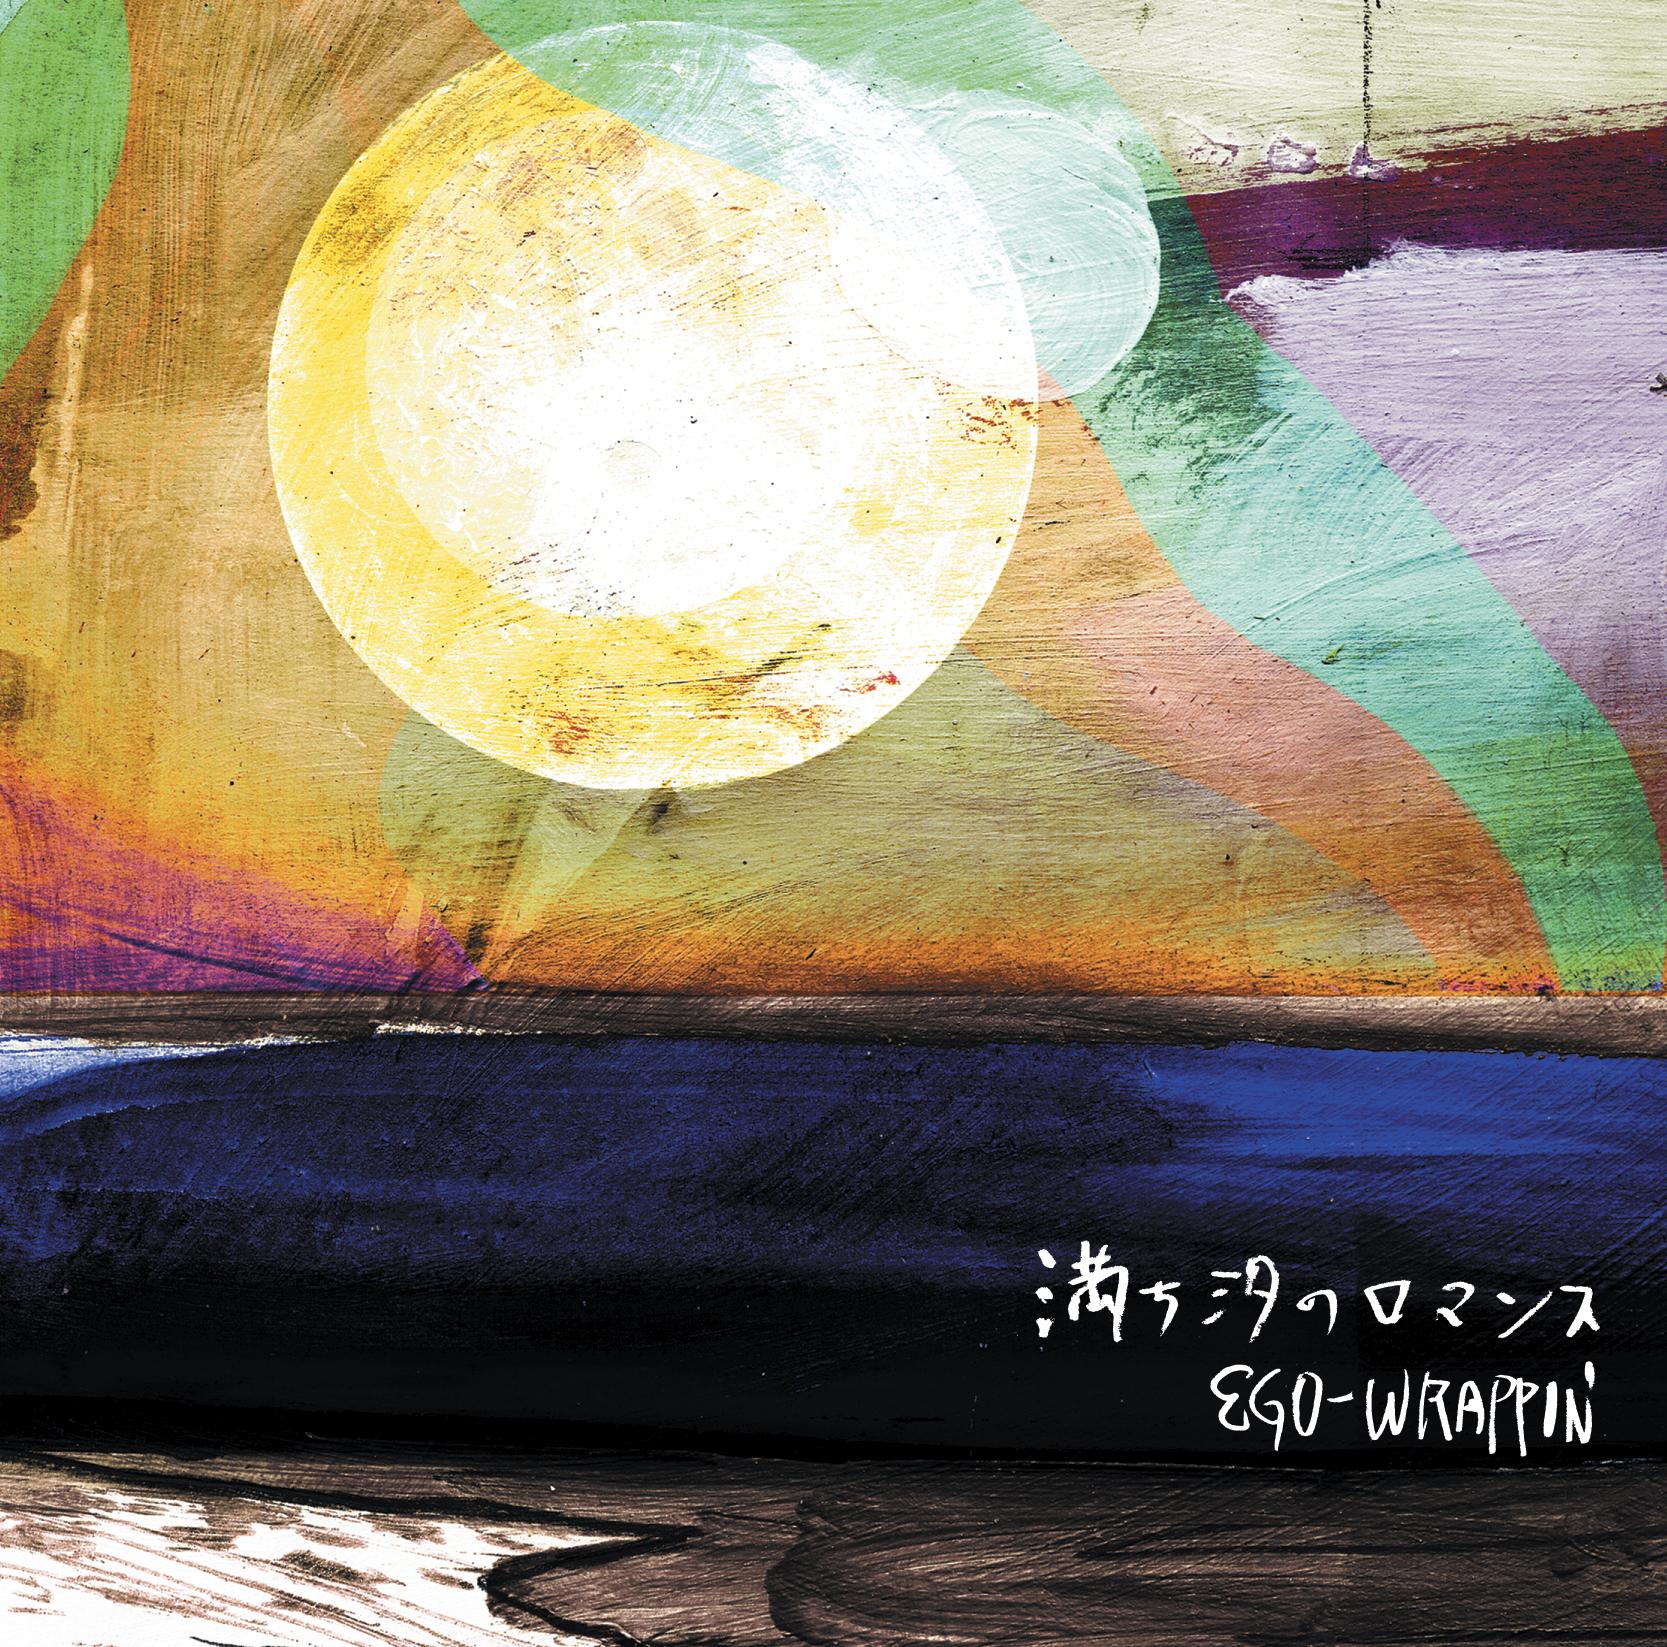 EGO-WRAPPIN' 「満ち潮のロマンス」